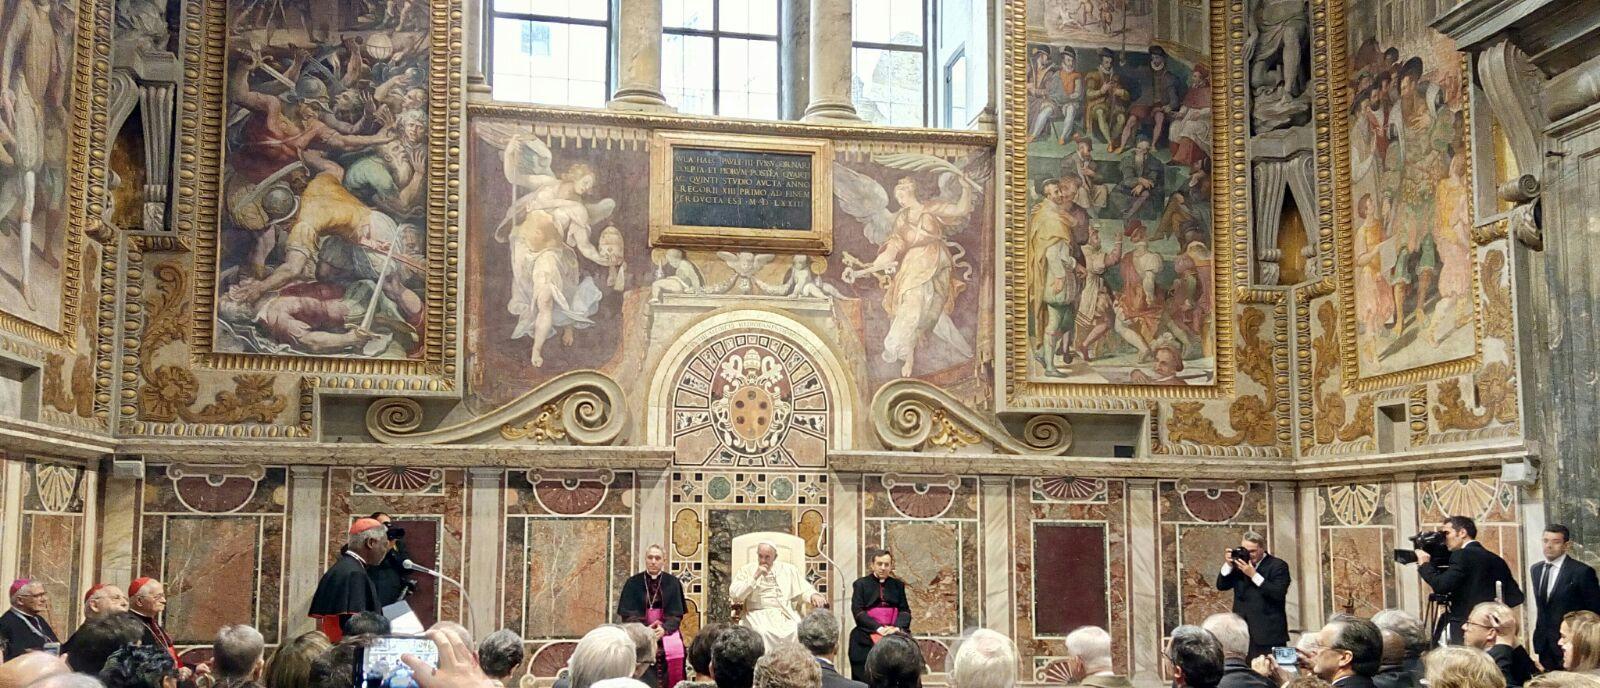 Der Heilige Vater bei siener Rede vor den Unternehmern der UNIAPAC in der Sala Regia im Vatikan (Bild: Stephan Werhahn)